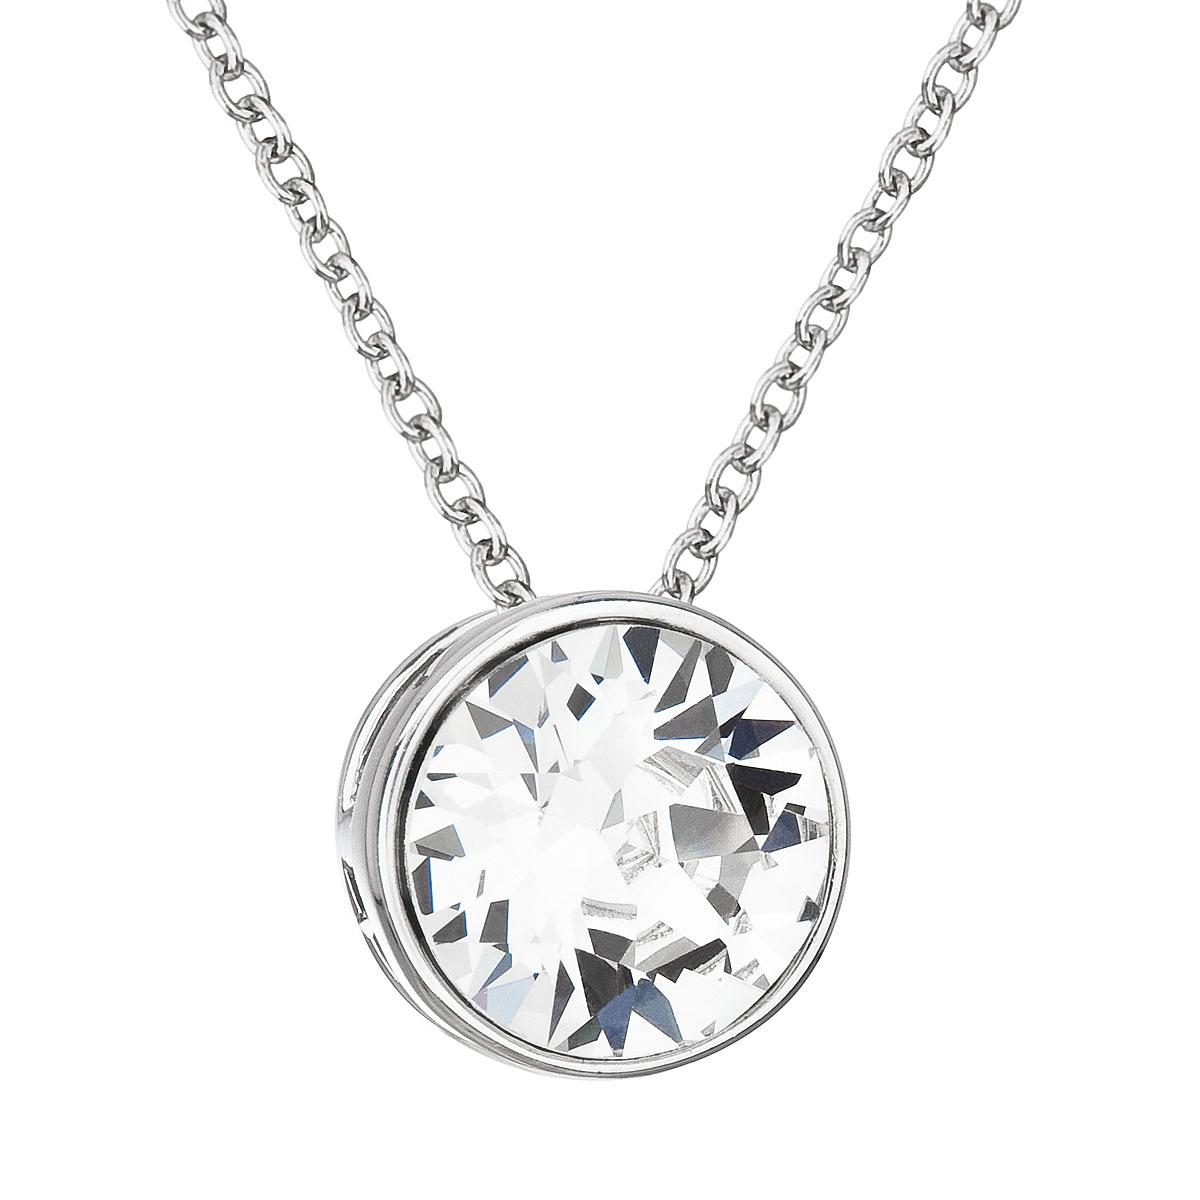 Stříbrný náhrdelník s kulatým kamenem Crystals from Swarovski EG4106-CR